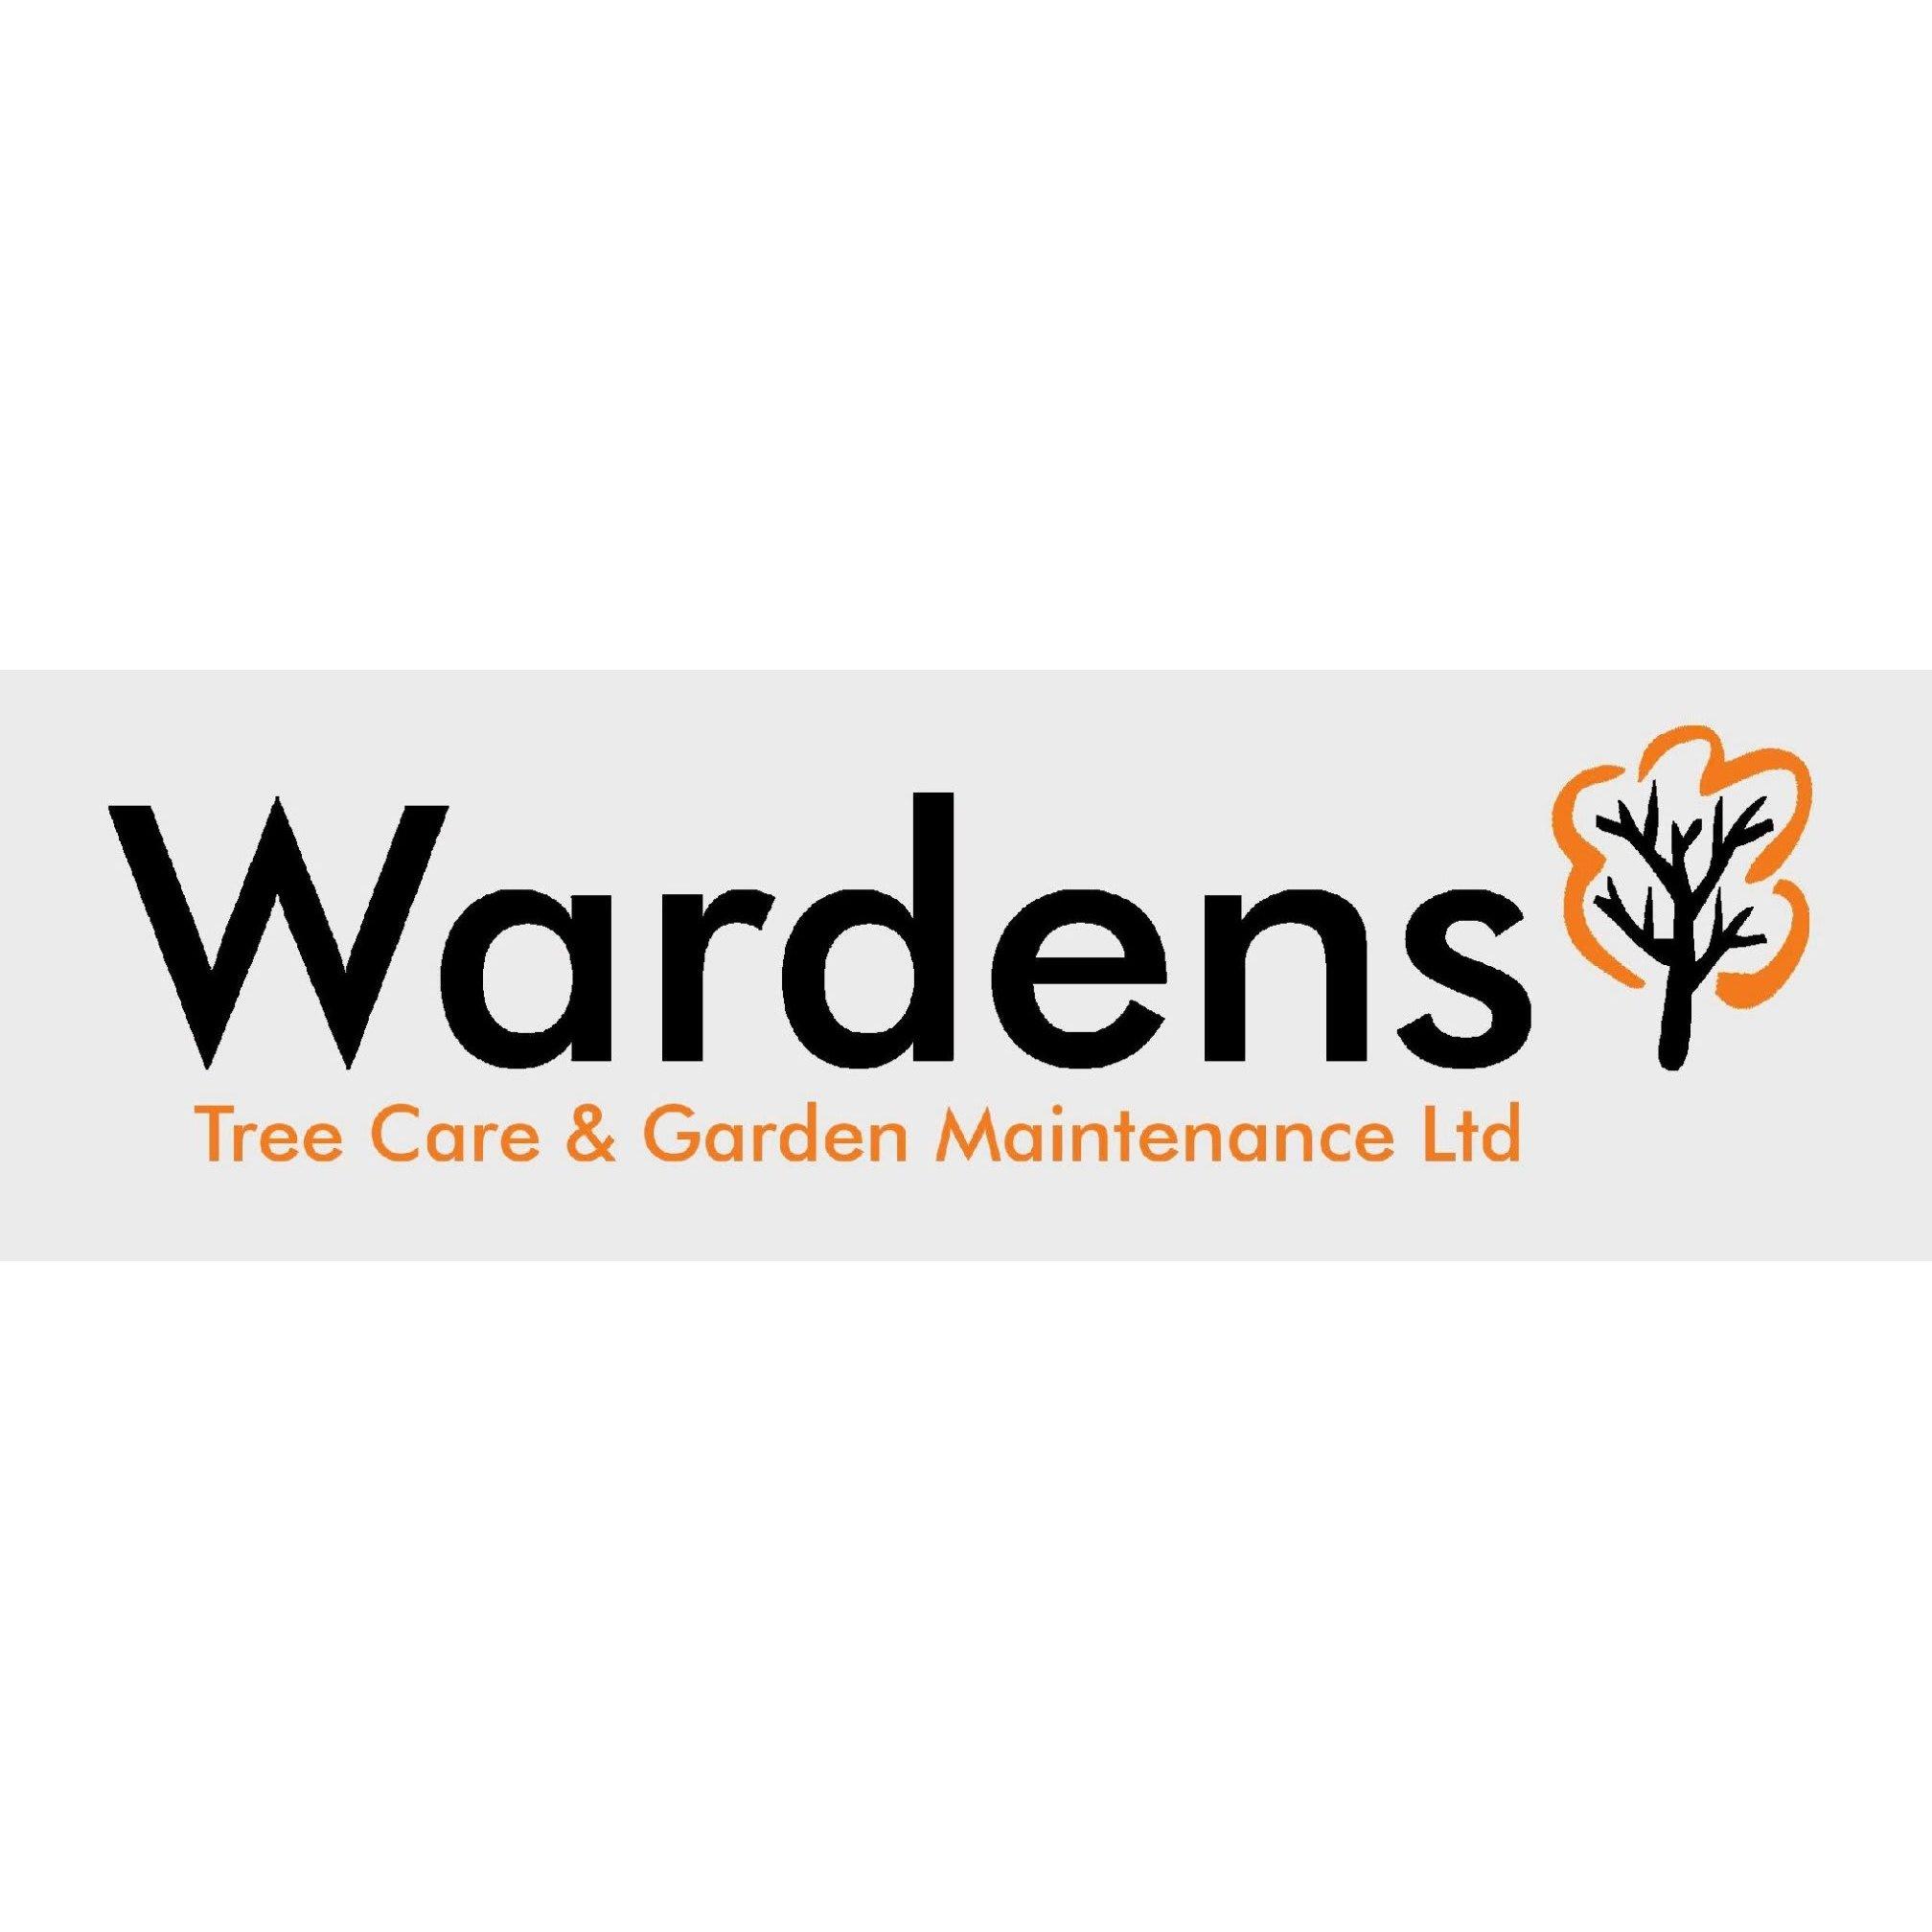 Wardens Tree Care & Garden Maintenance Ltd - Coventry, West Midlands CV2 5HA - 02476 015012 | ShowMeLocal.com